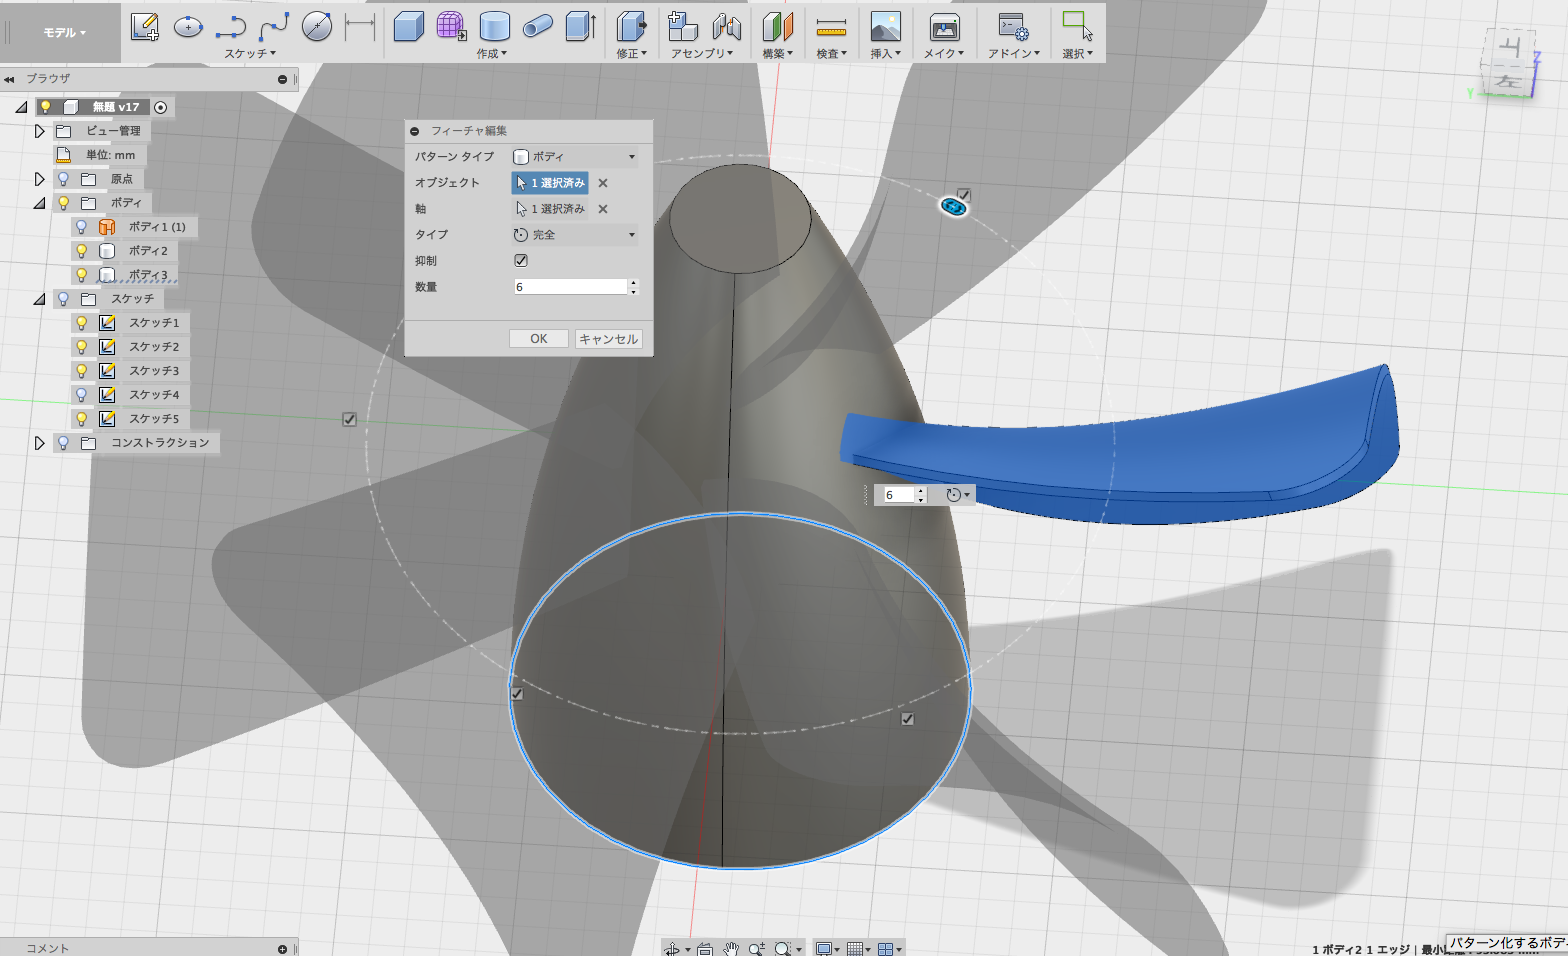 パターンの「円形状パターン」で羽根を増やす